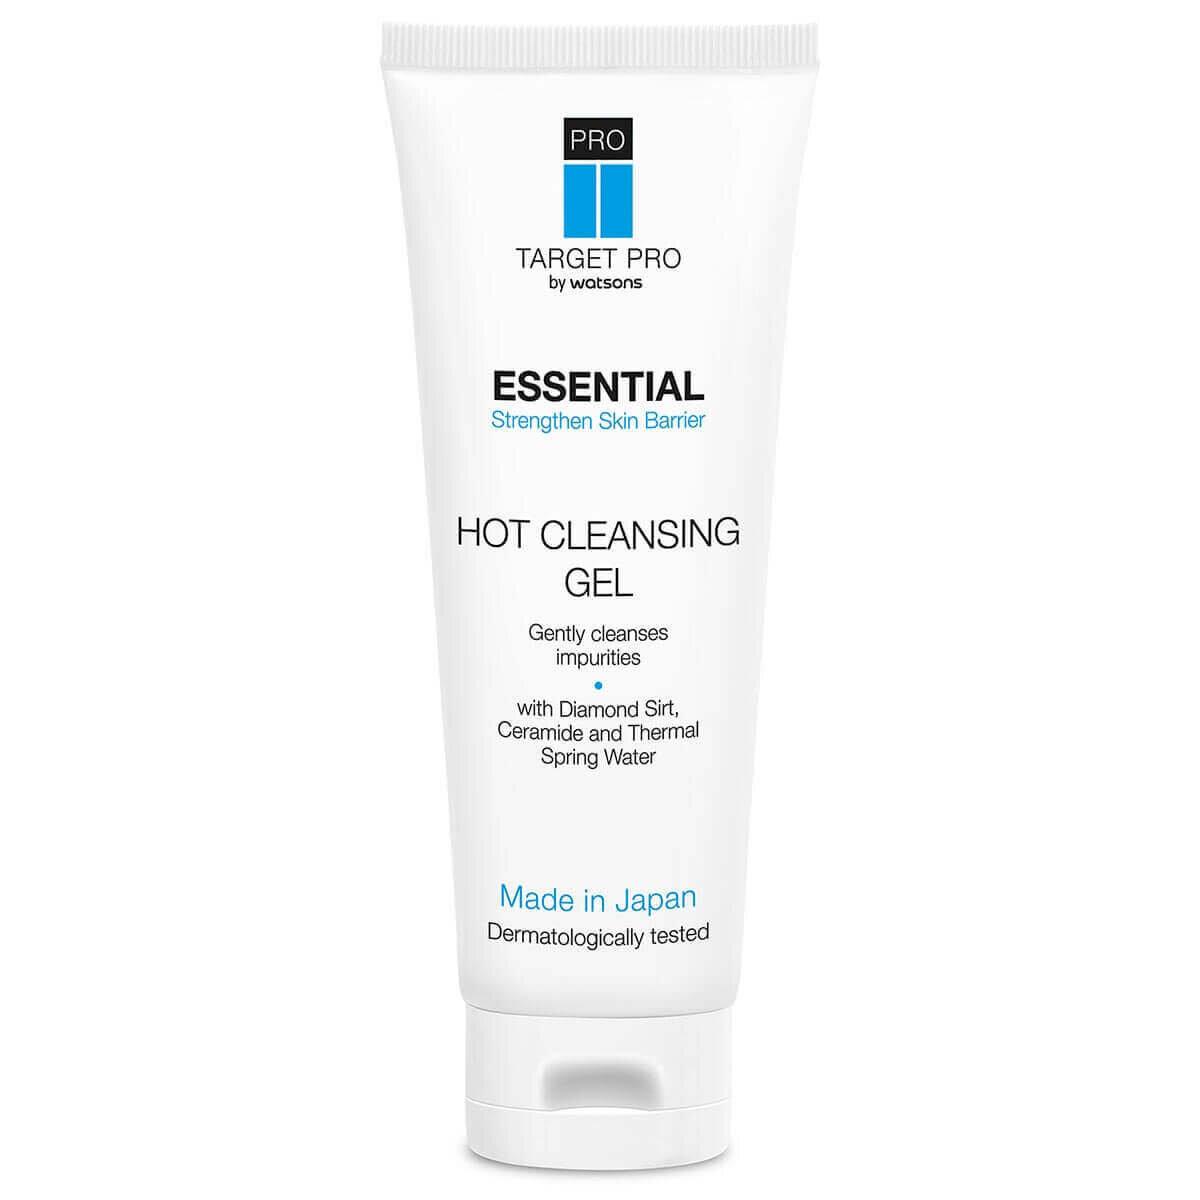 Essential Hot Cleansing Gel 150 ml